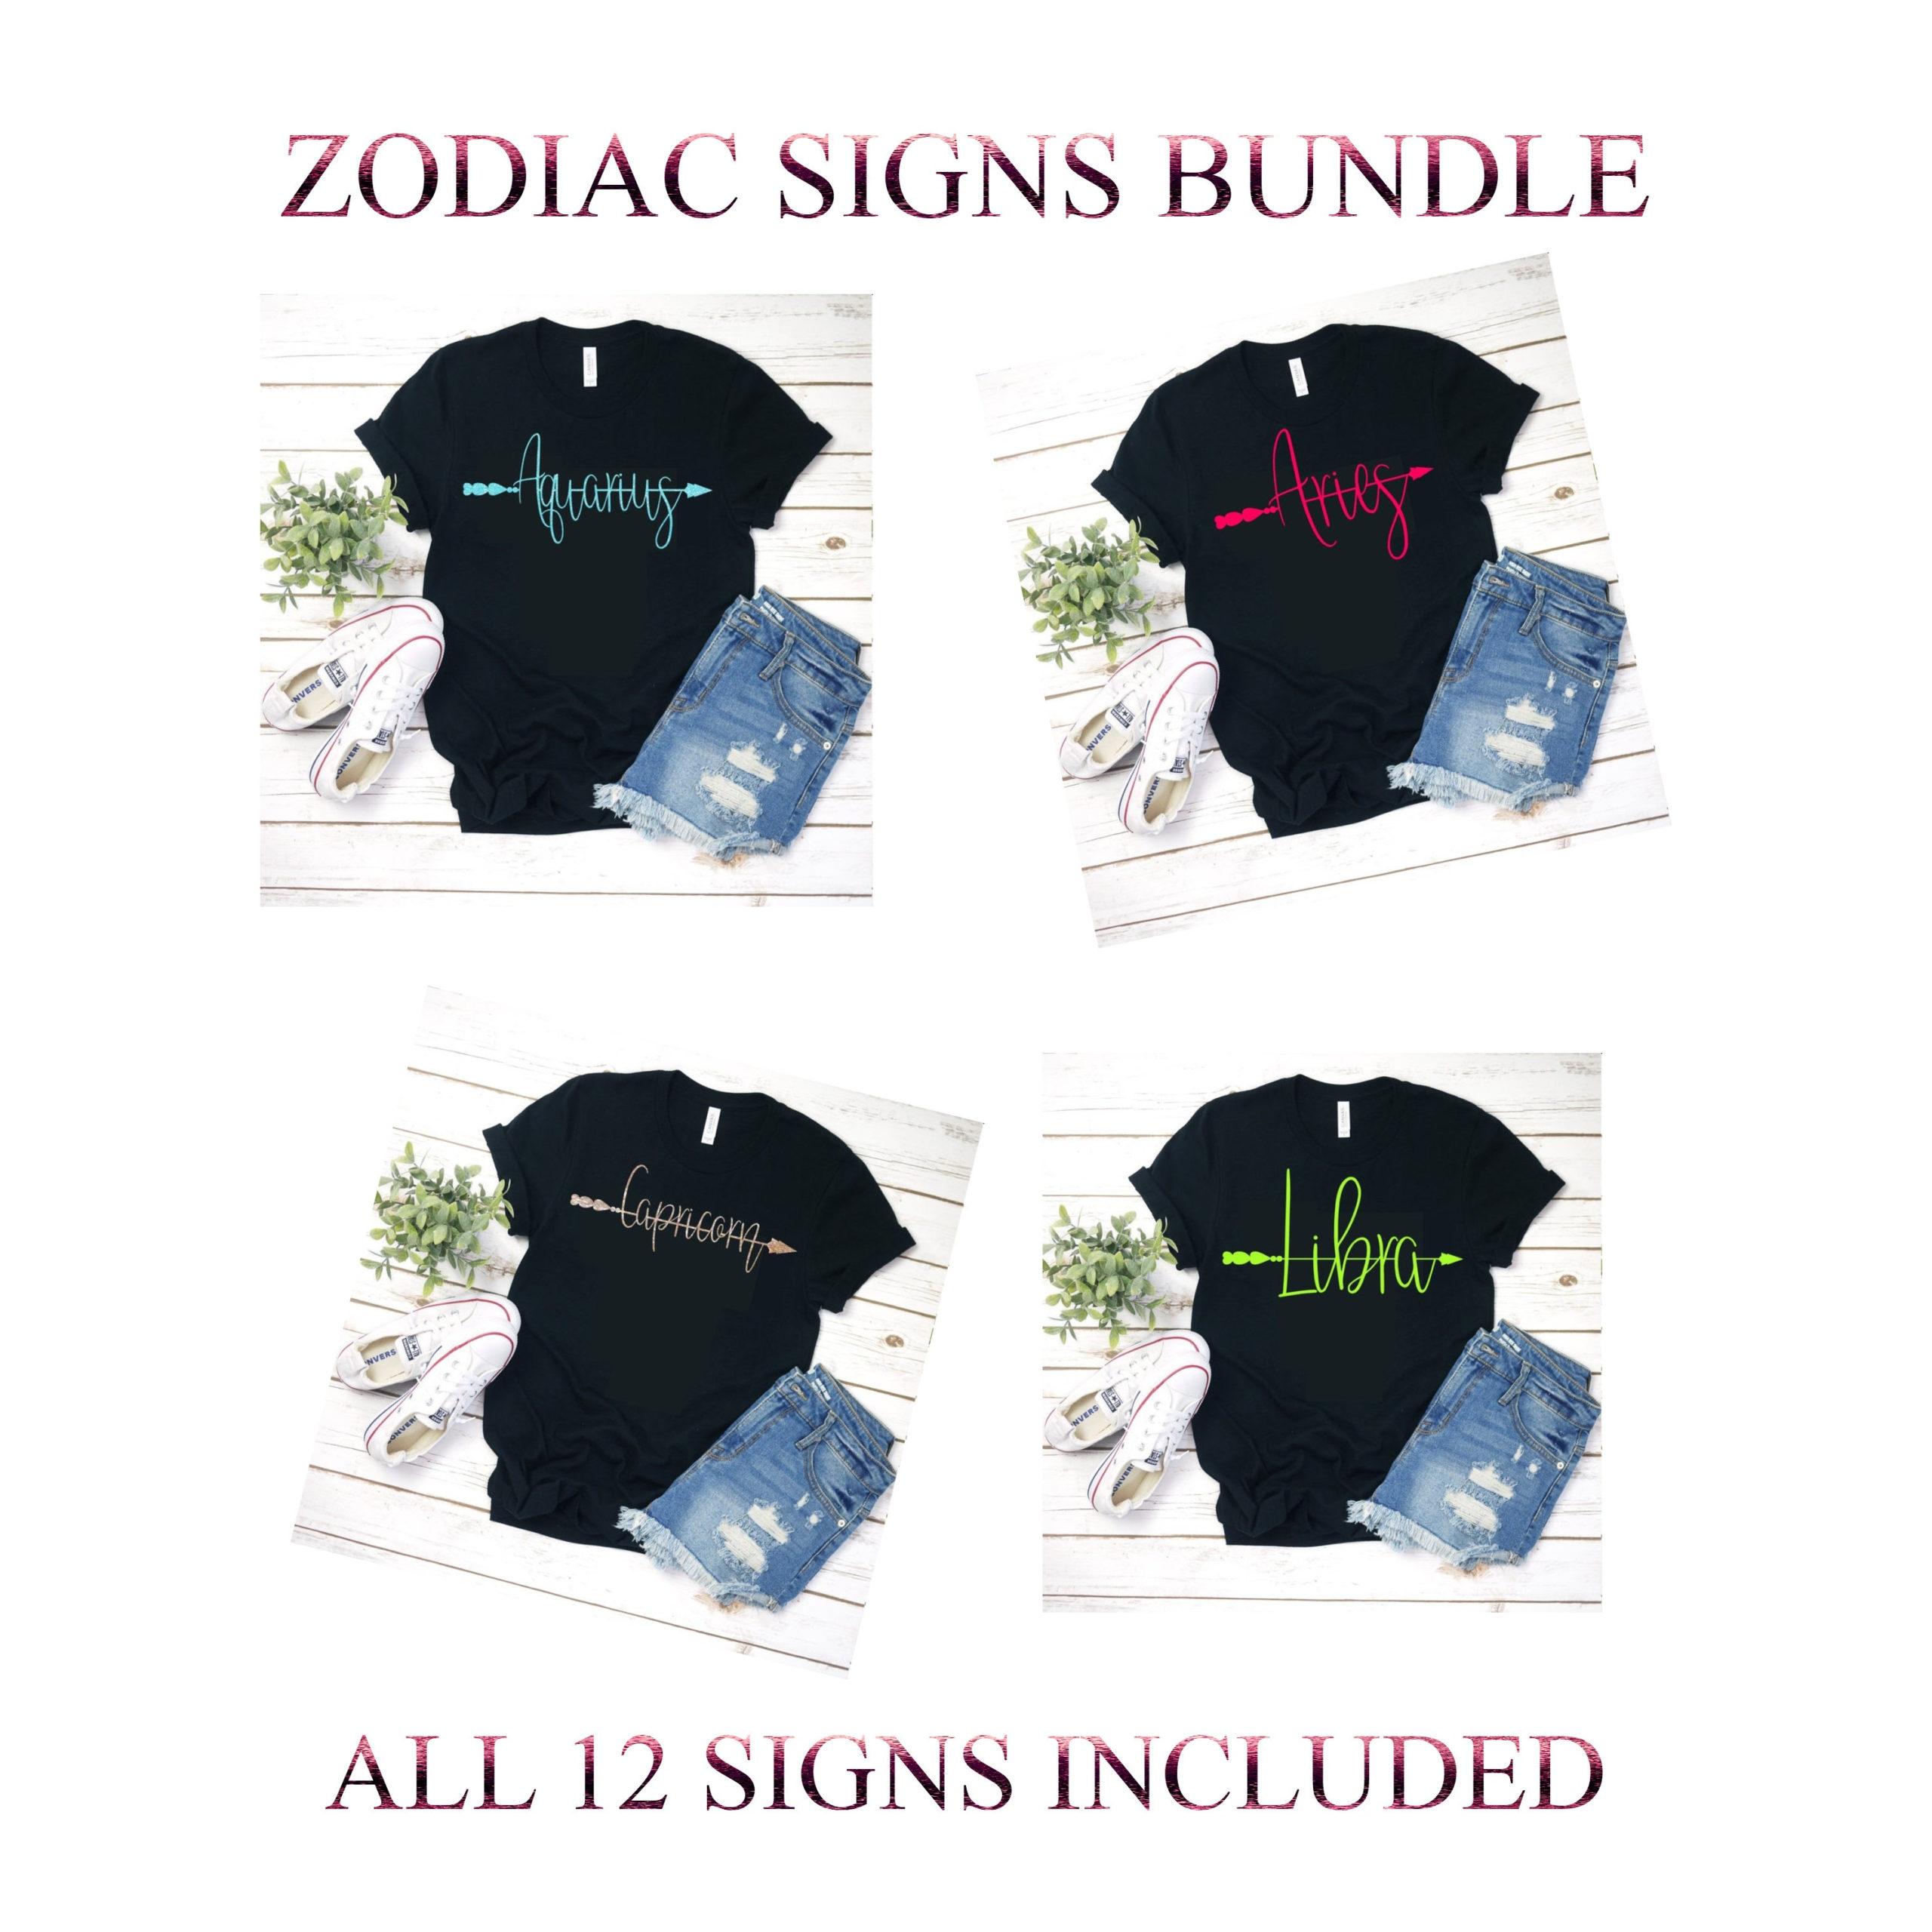 Scorpio-signs-bundle-svgzodiac-svgzodiac-sign-svgconstellation-svgstarzodiac-birthday-svghoroscope-svghoroscope-signscorpio-birthday-5e221de6